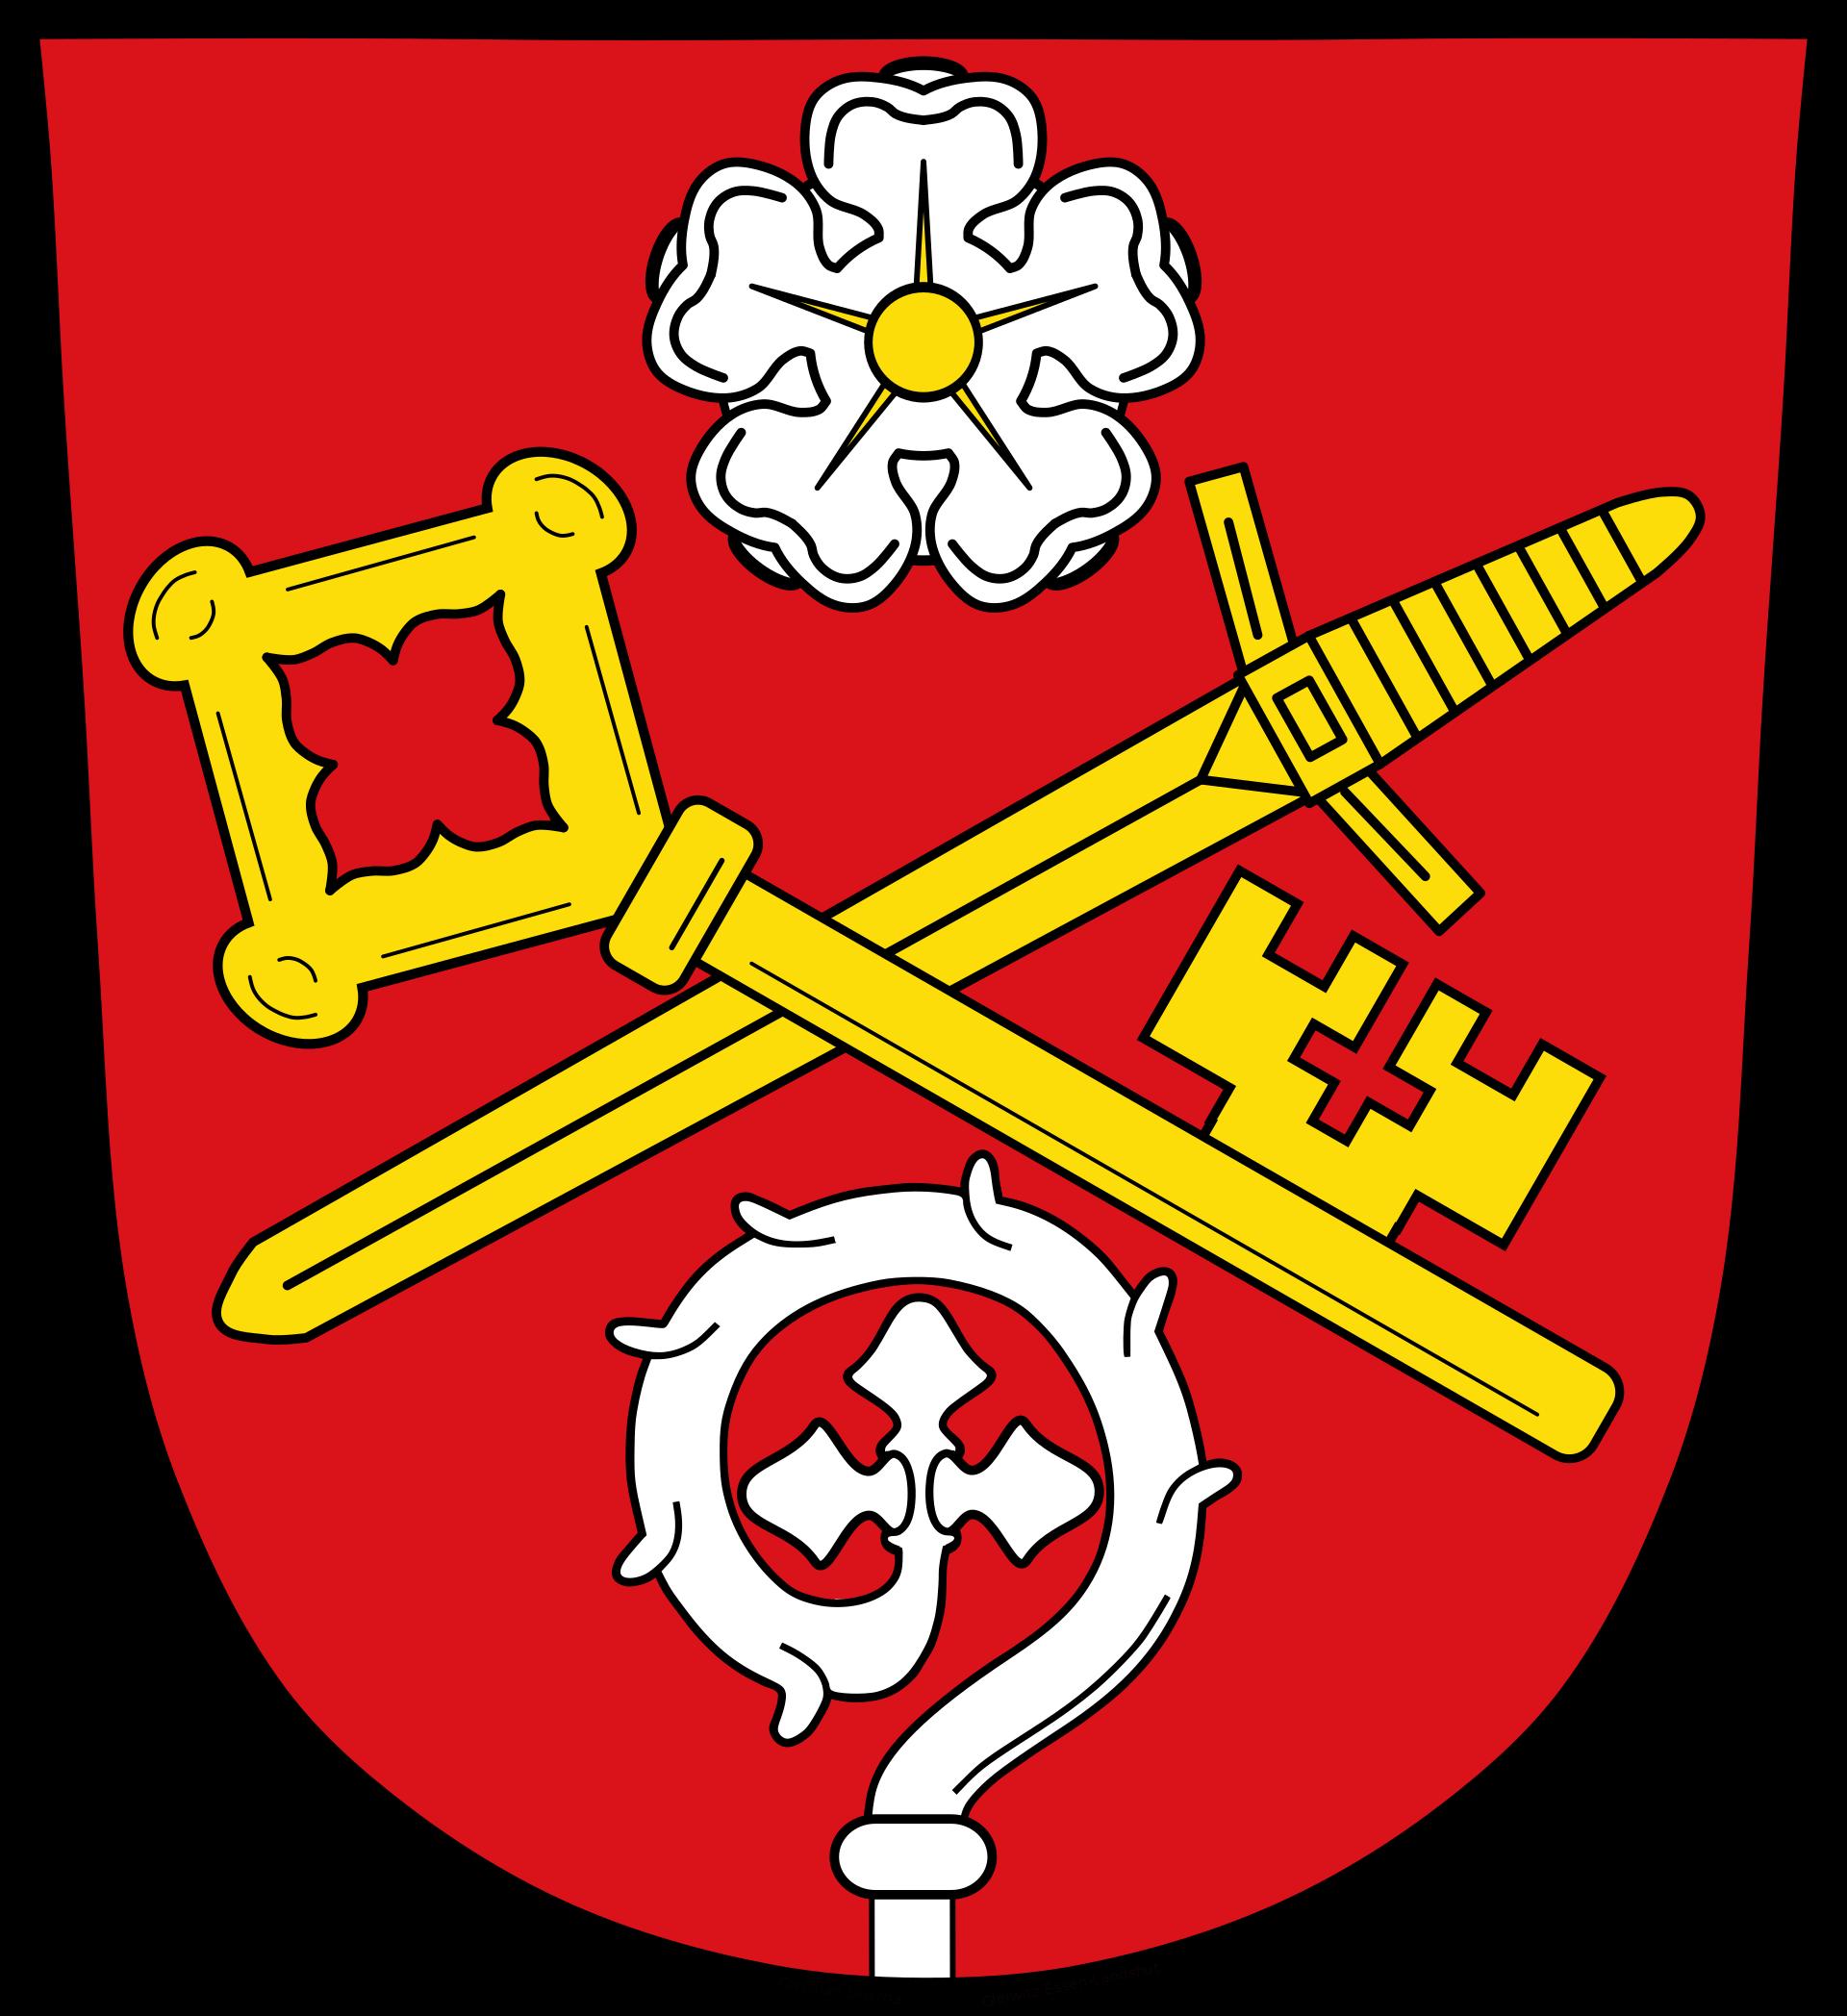 Gemeindewappen Langensendelbach/Bräuningshof